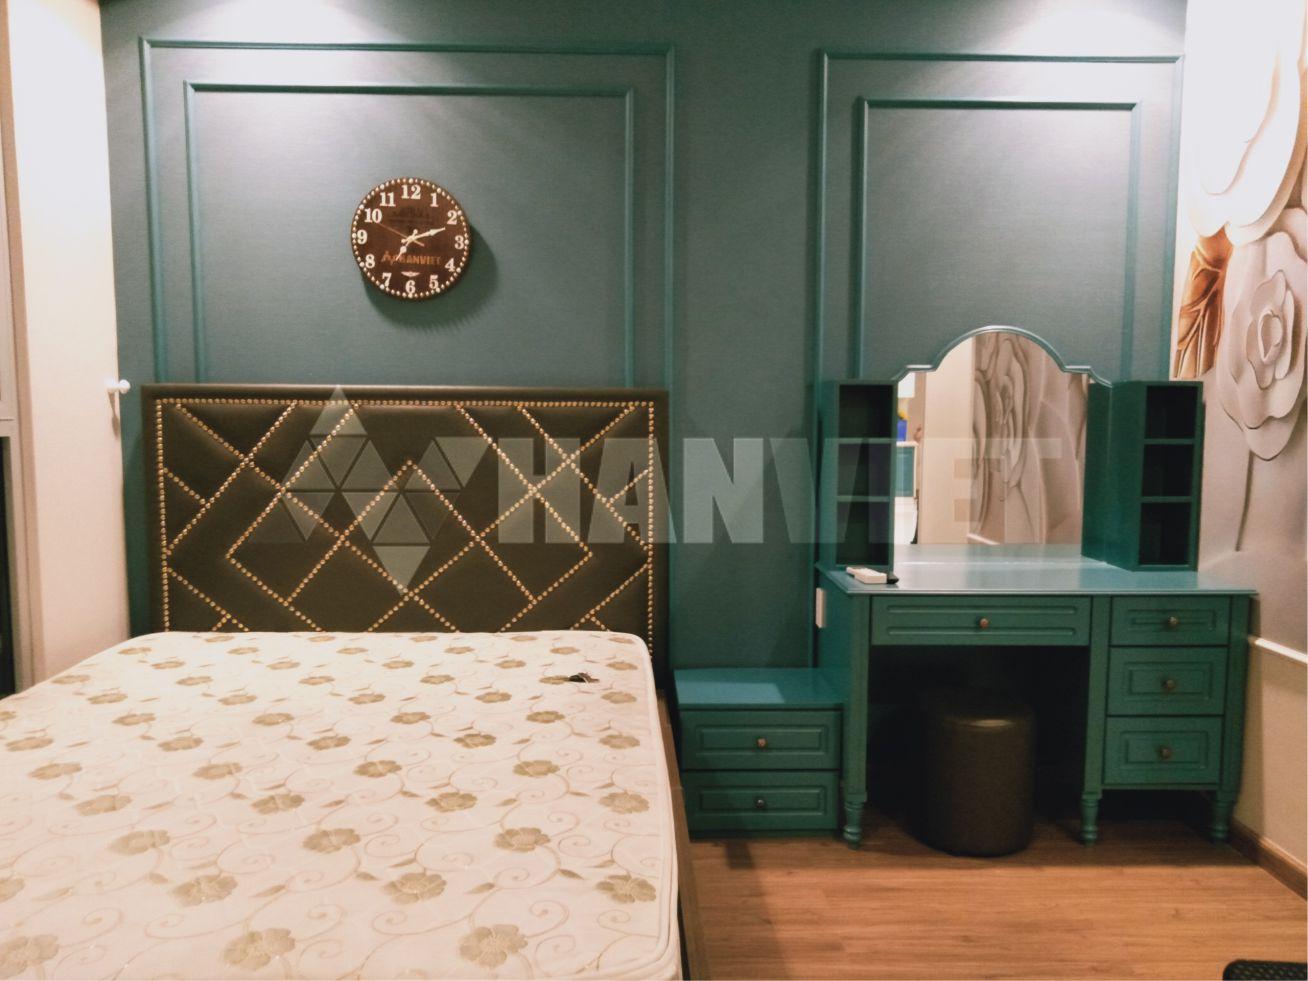 Cải Tạo Căn Hộ Vinhome C3-3106 2 Phòng Ngủ